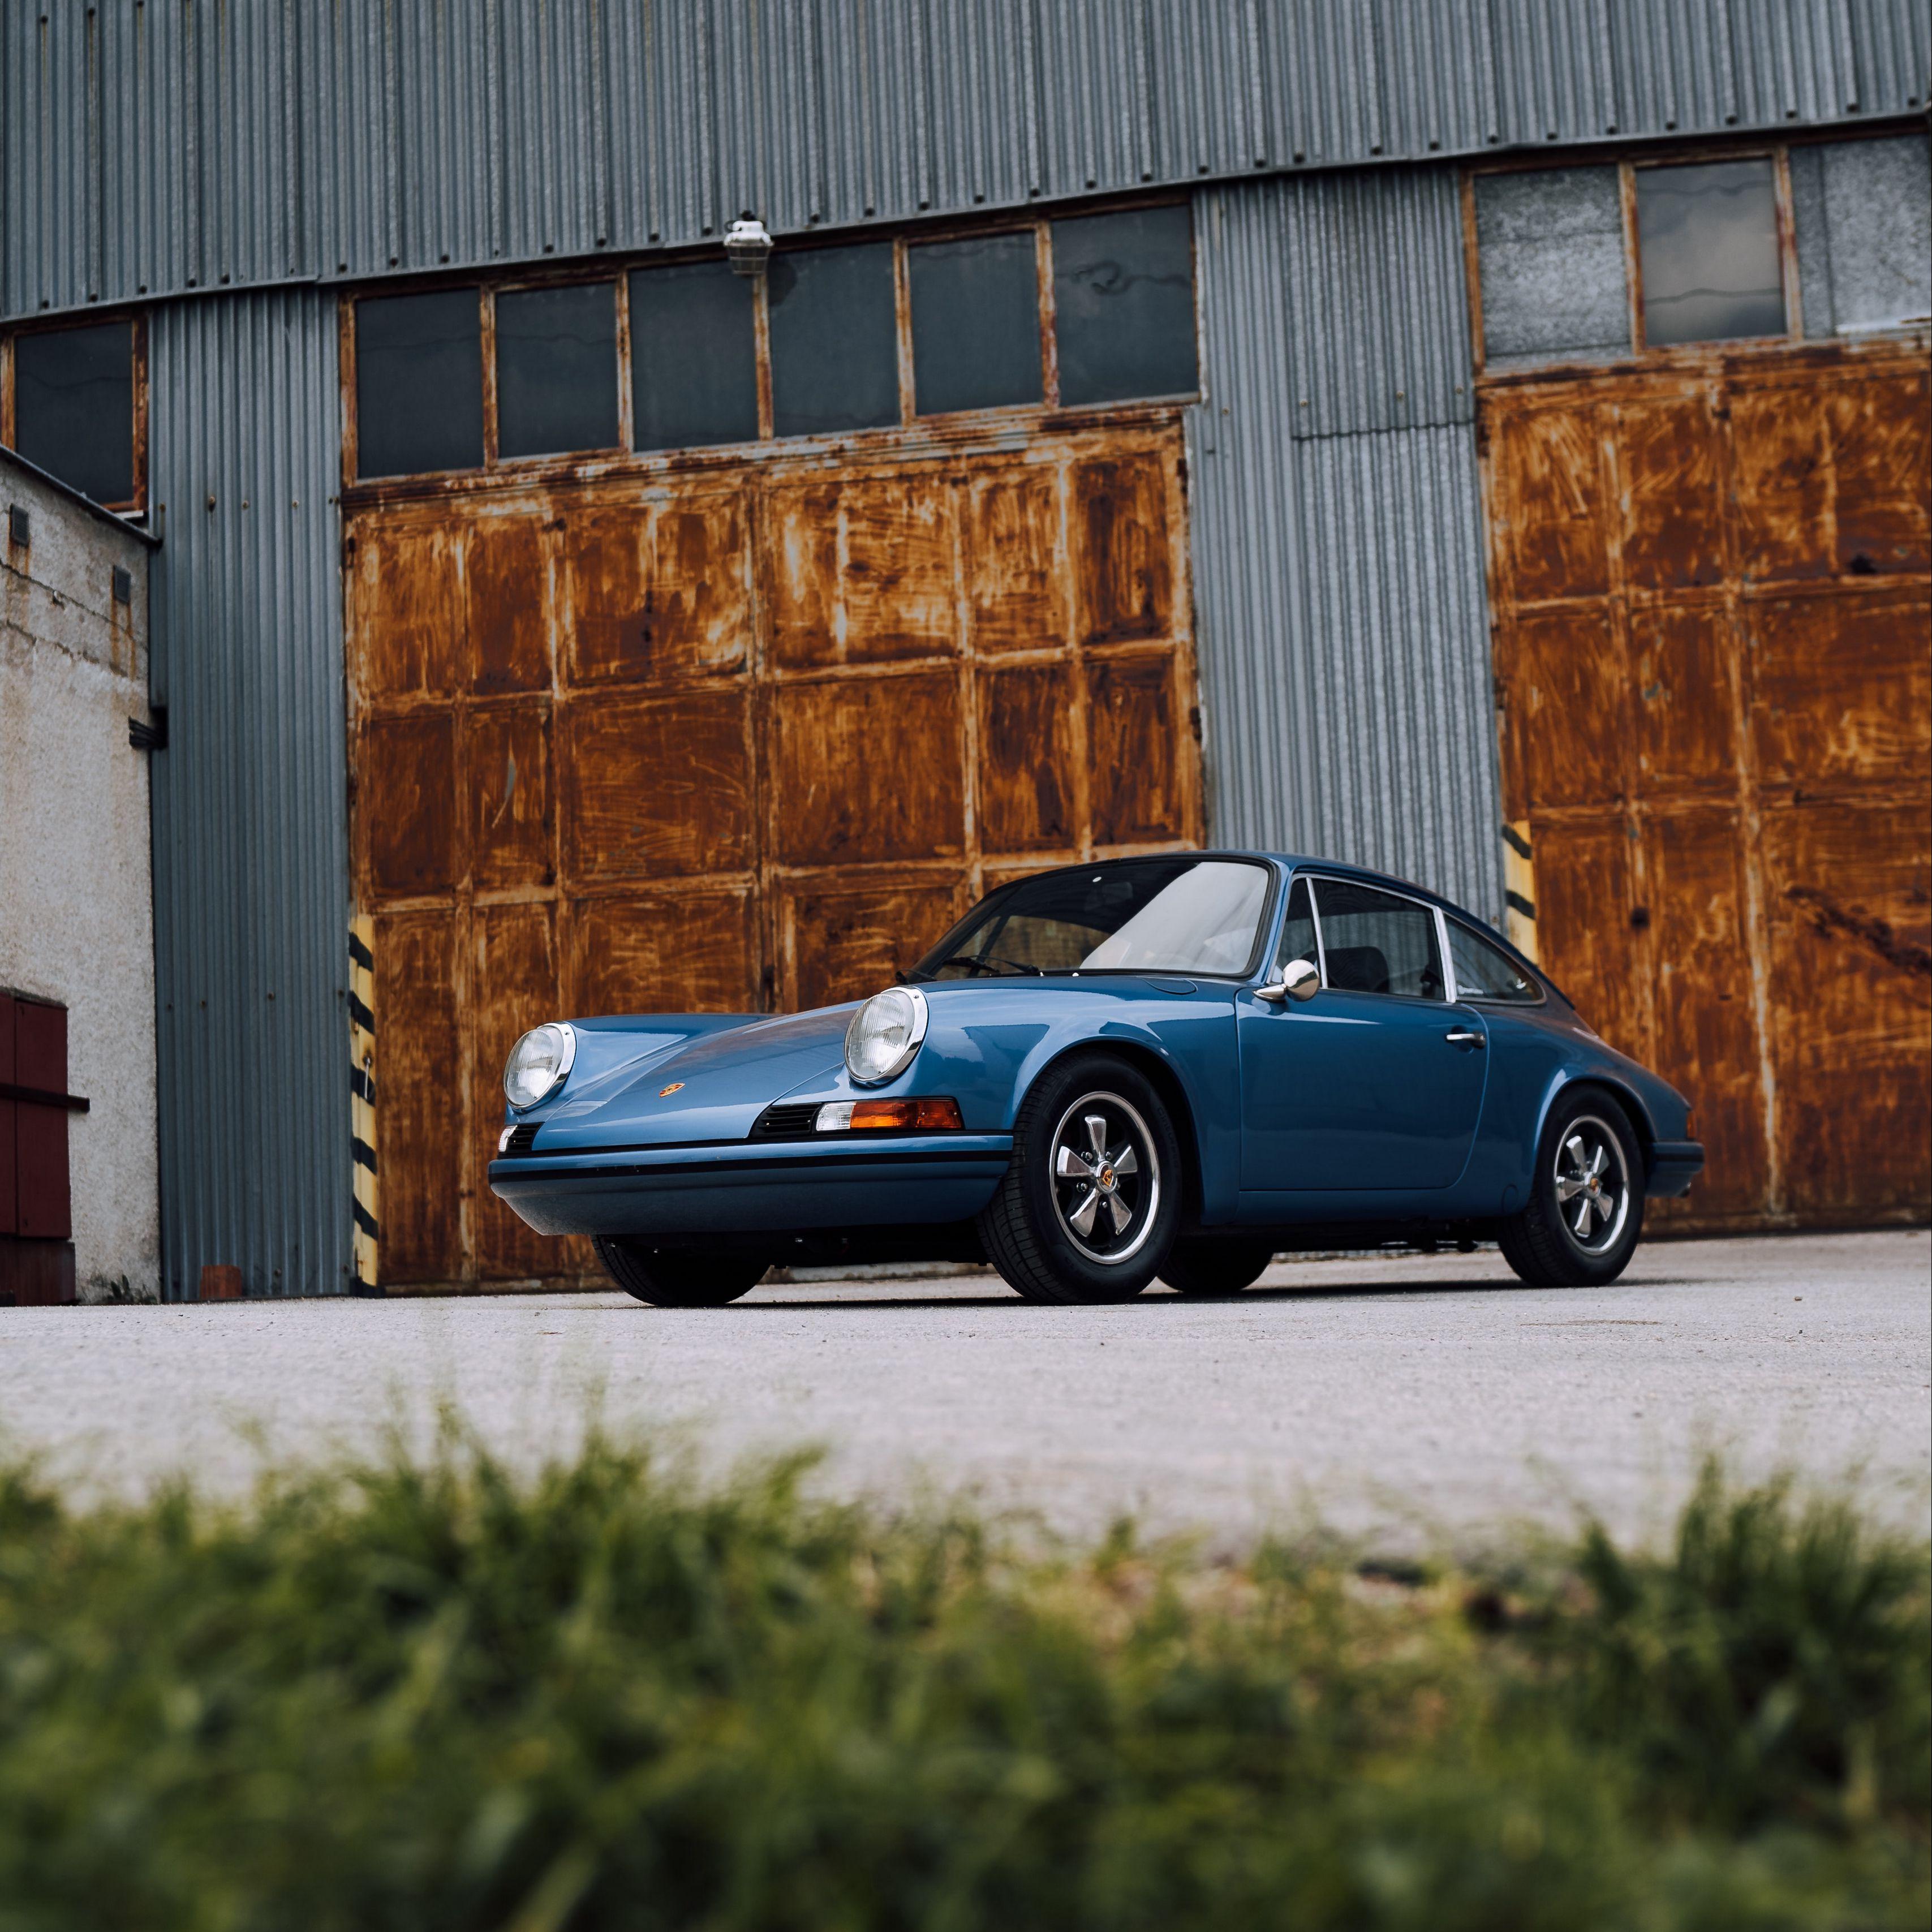 3415x3415 Wallpaper porsche, car, side view, blue